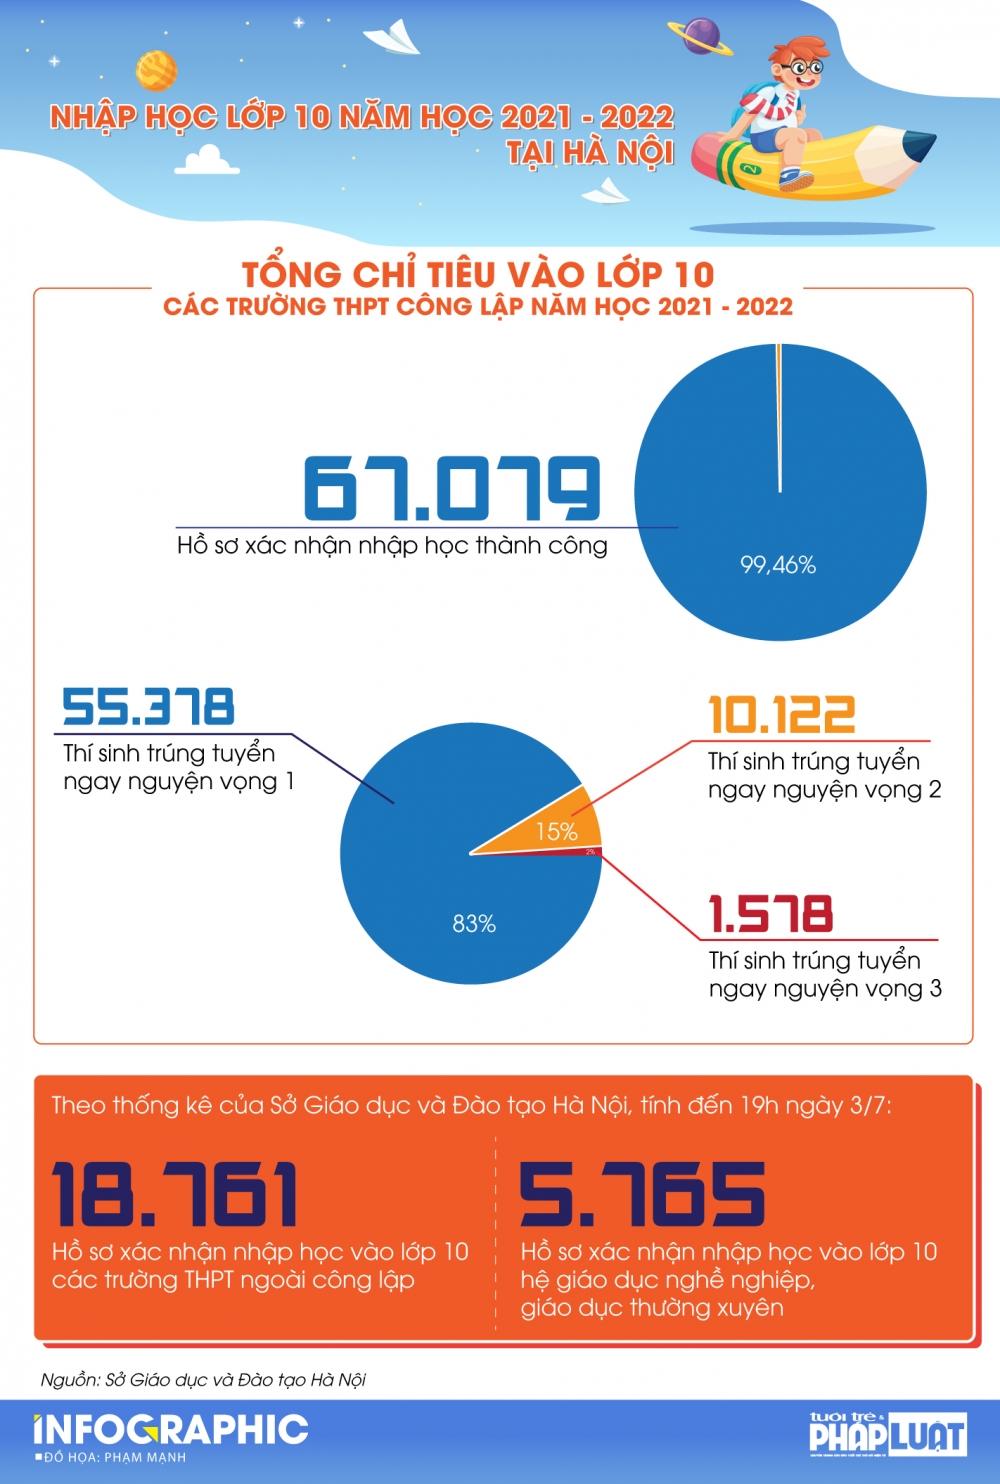 Hà Nội: 99,46% hồ sơ nhập học thành công vào lớp 10 công lập